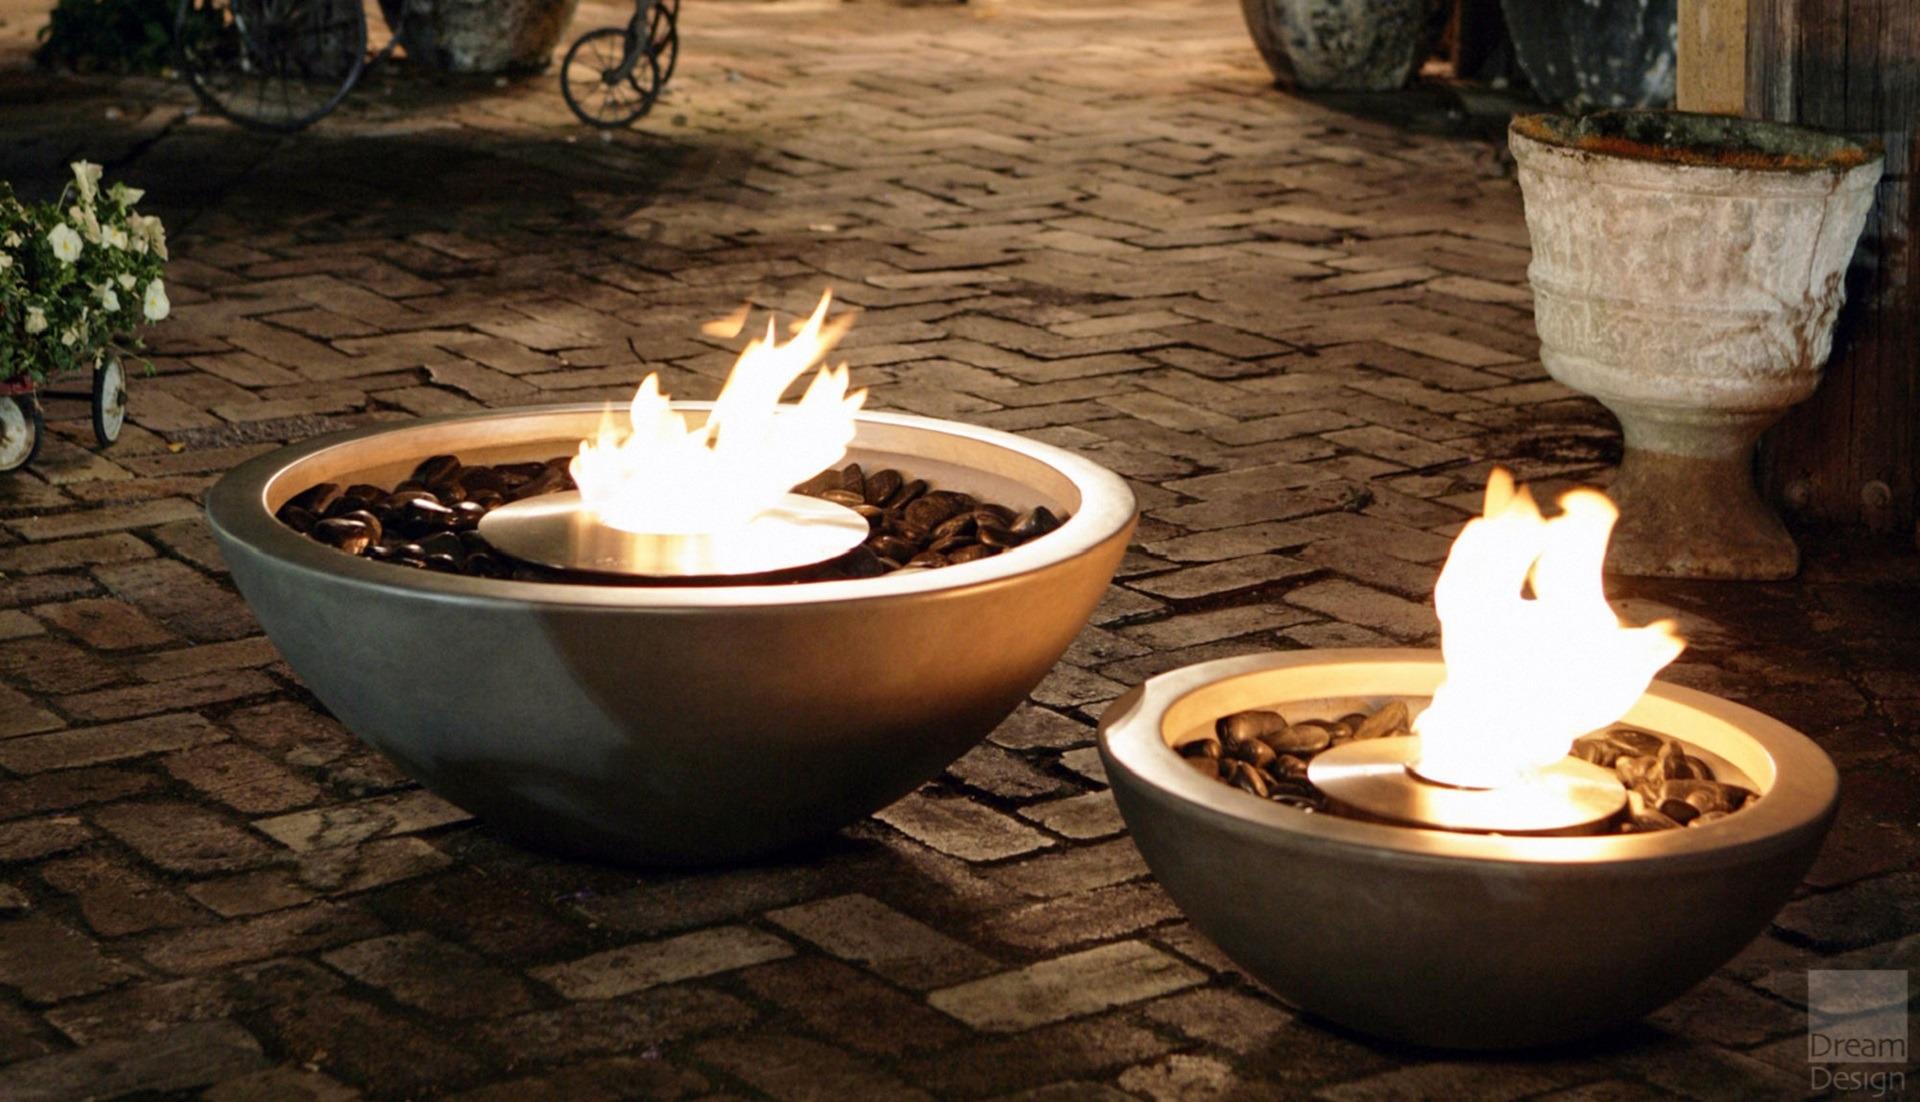 Ecosmart Fire Mix Dream Design Interiors Ltd